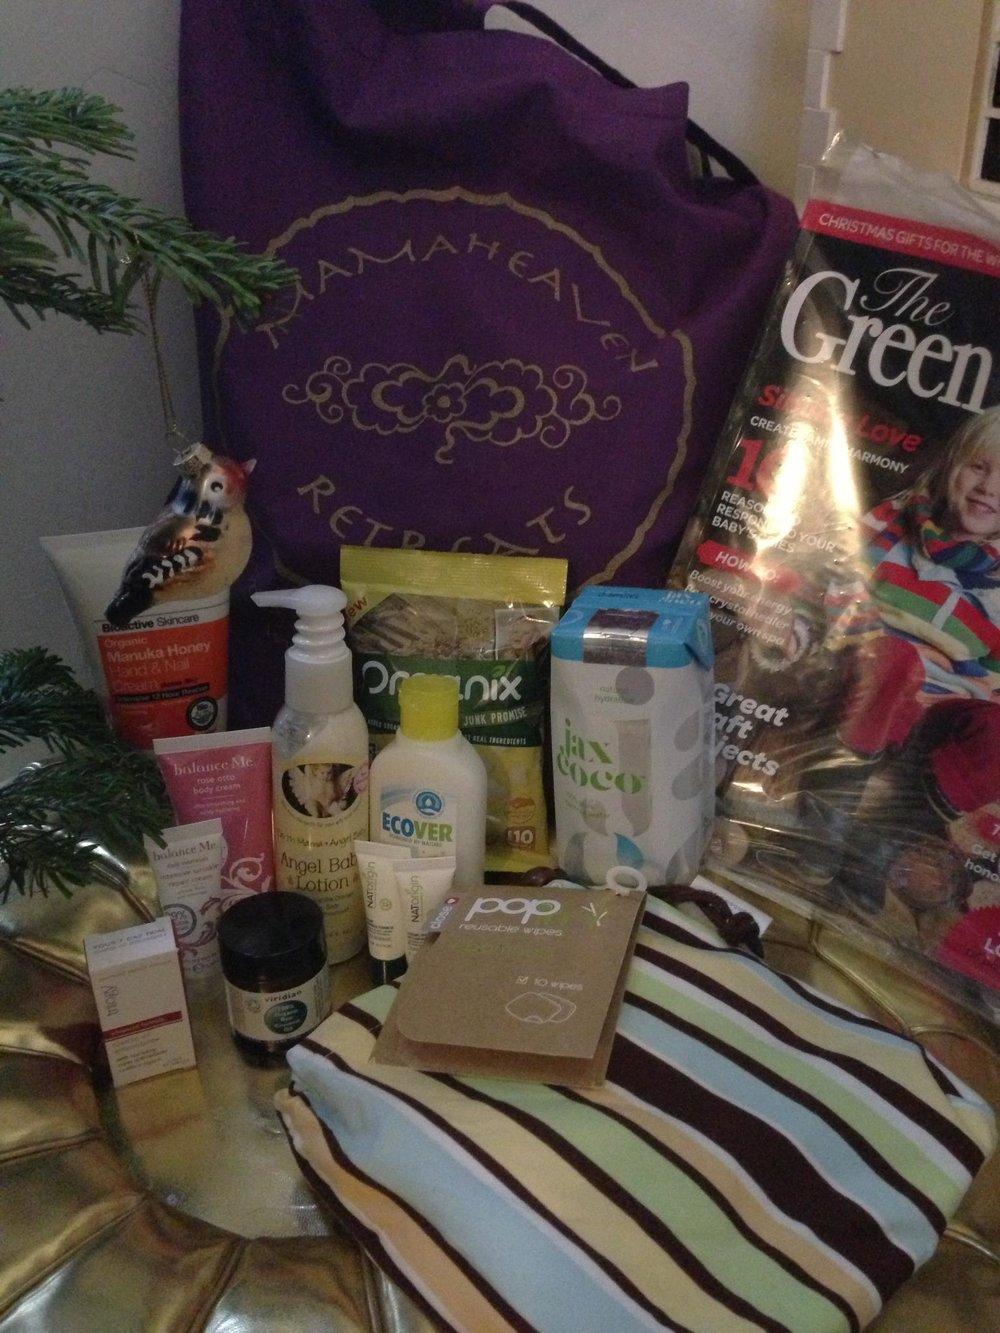 Mamaheaven goodie bag Dec 2012.jpg